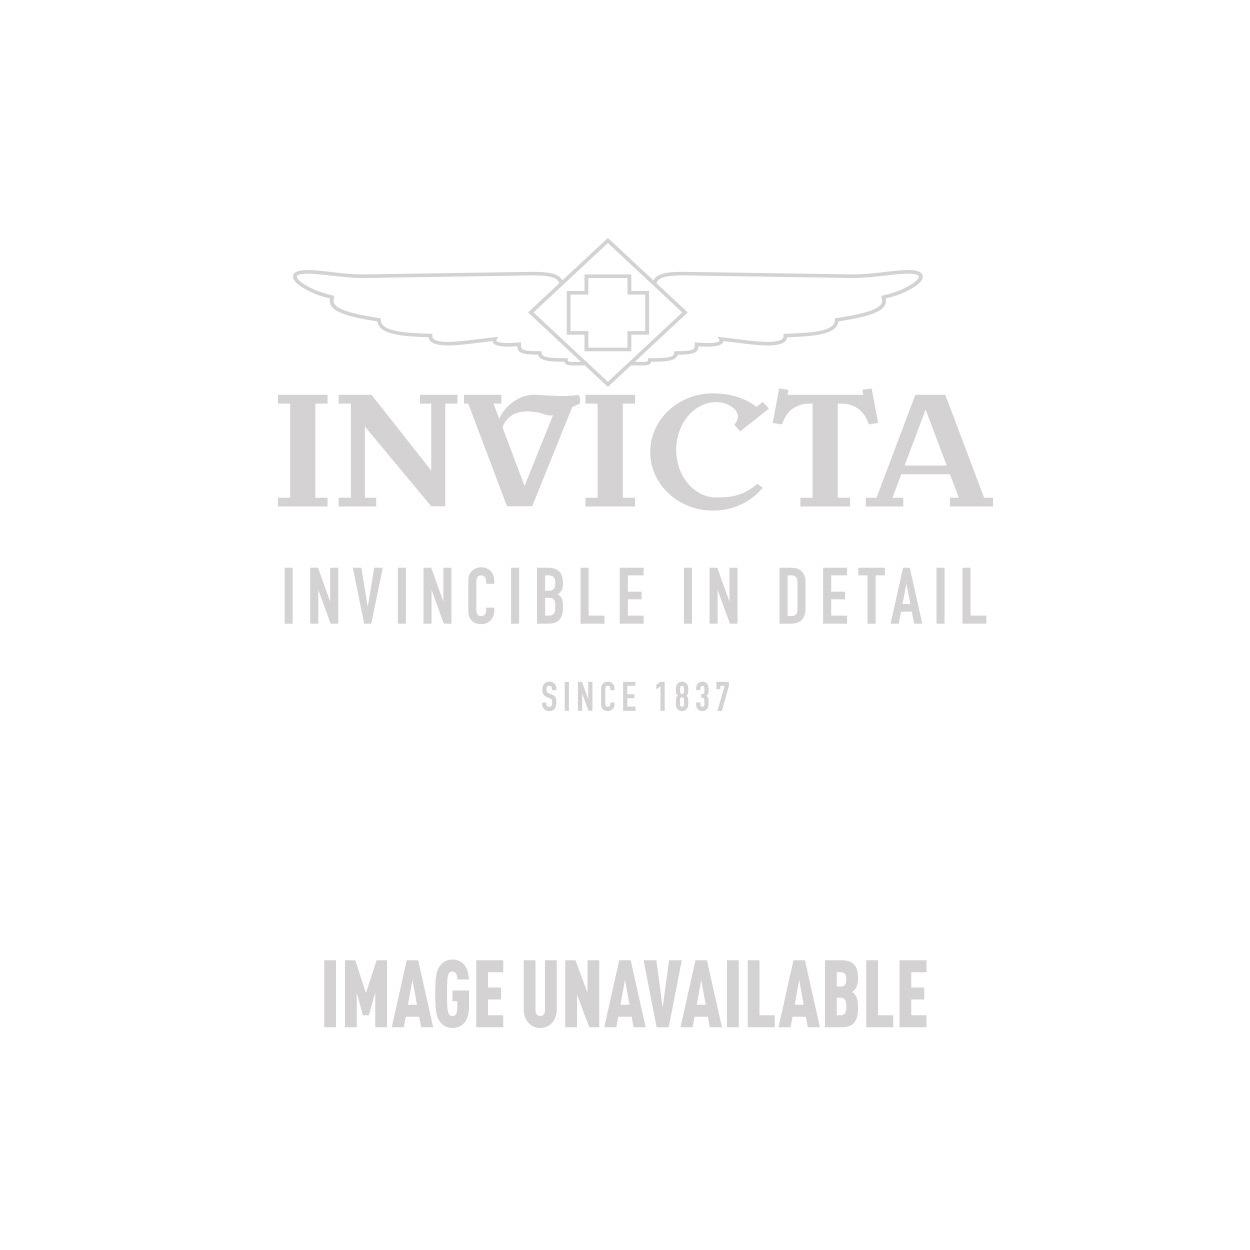 Invicta Model 25053